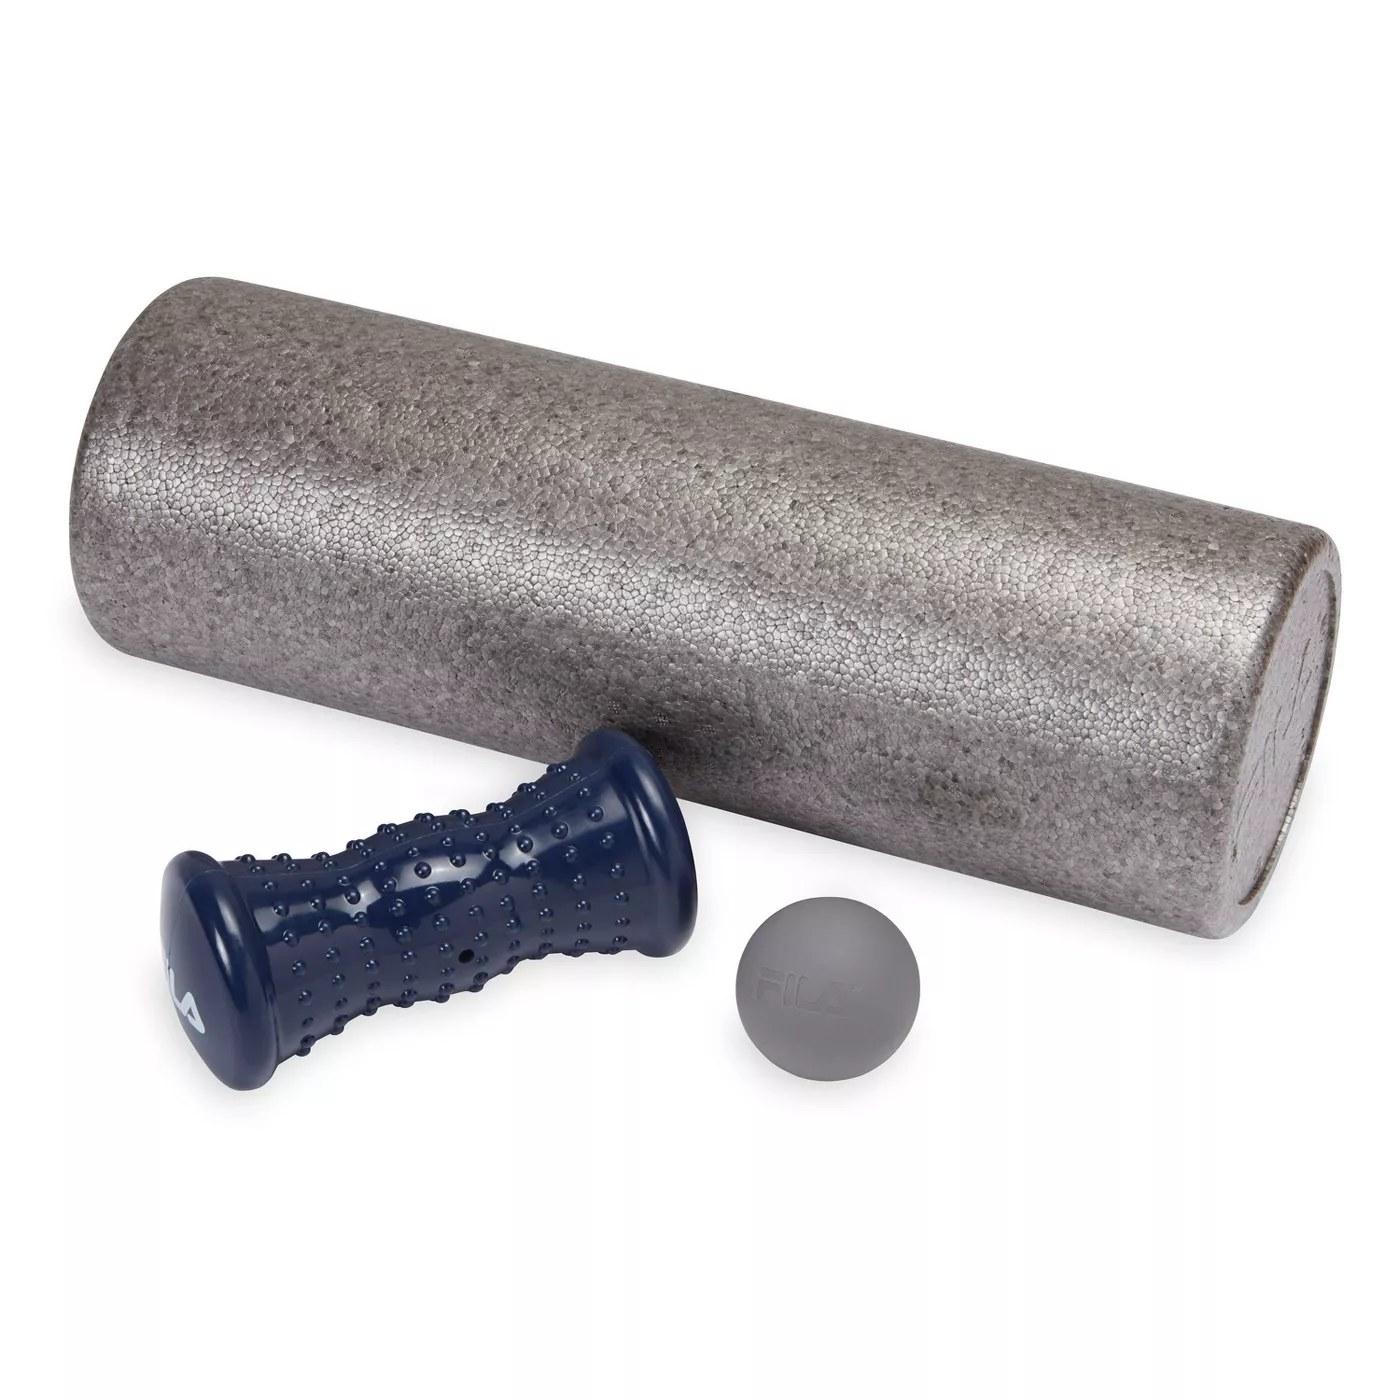 A foam roller, rubber ball, and massage roller